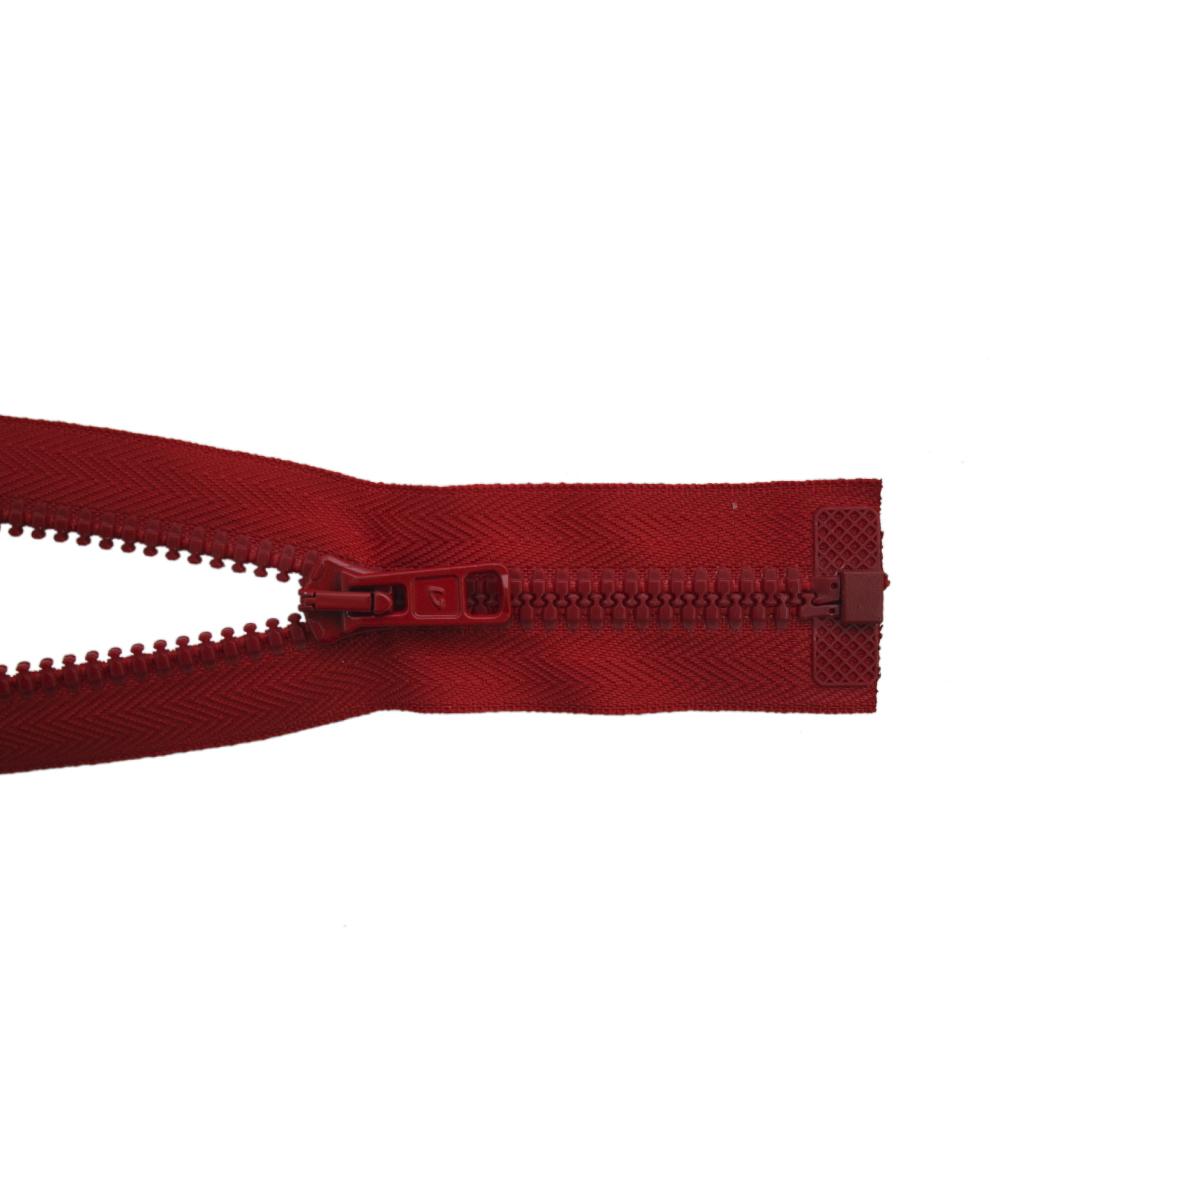 Застежка-молния трактор Arta-F, разъемная (1 замок,Т6) , цвет: красный (008), 55 см19355-008Продукция ARTA-F сертифицирована на Российский, Британский и Латвийский стандарт. Фурнитура ARTA-F изготавливается из европейских материалов, на современном оборудовании, в соответствии с высокими требованиями стандартов. Вся продукция фабрики проходит тесты на качество.Звено застежки-молнии Экстра имеет боковые приливы, которые исключают контакт замка с текстильной лентой, а сокращенный до минимума зазор между замком и приливами звена предохраняет от возможности попадания в замок подкладки, меха, нитей. В то же время эти меры повышают прочность застежки при высоких нагрузках, особенно на изгиб. Применение таких приливов на молниях ARTA-F не только повышает эксплуатационные качества застежки, но и увеличивает прочность крепления звена к ленте, и продлевает срок службы застежек-молний ARTA-F. Такая застежка-молния безопасна, легка в использовании и не повредит одежду.